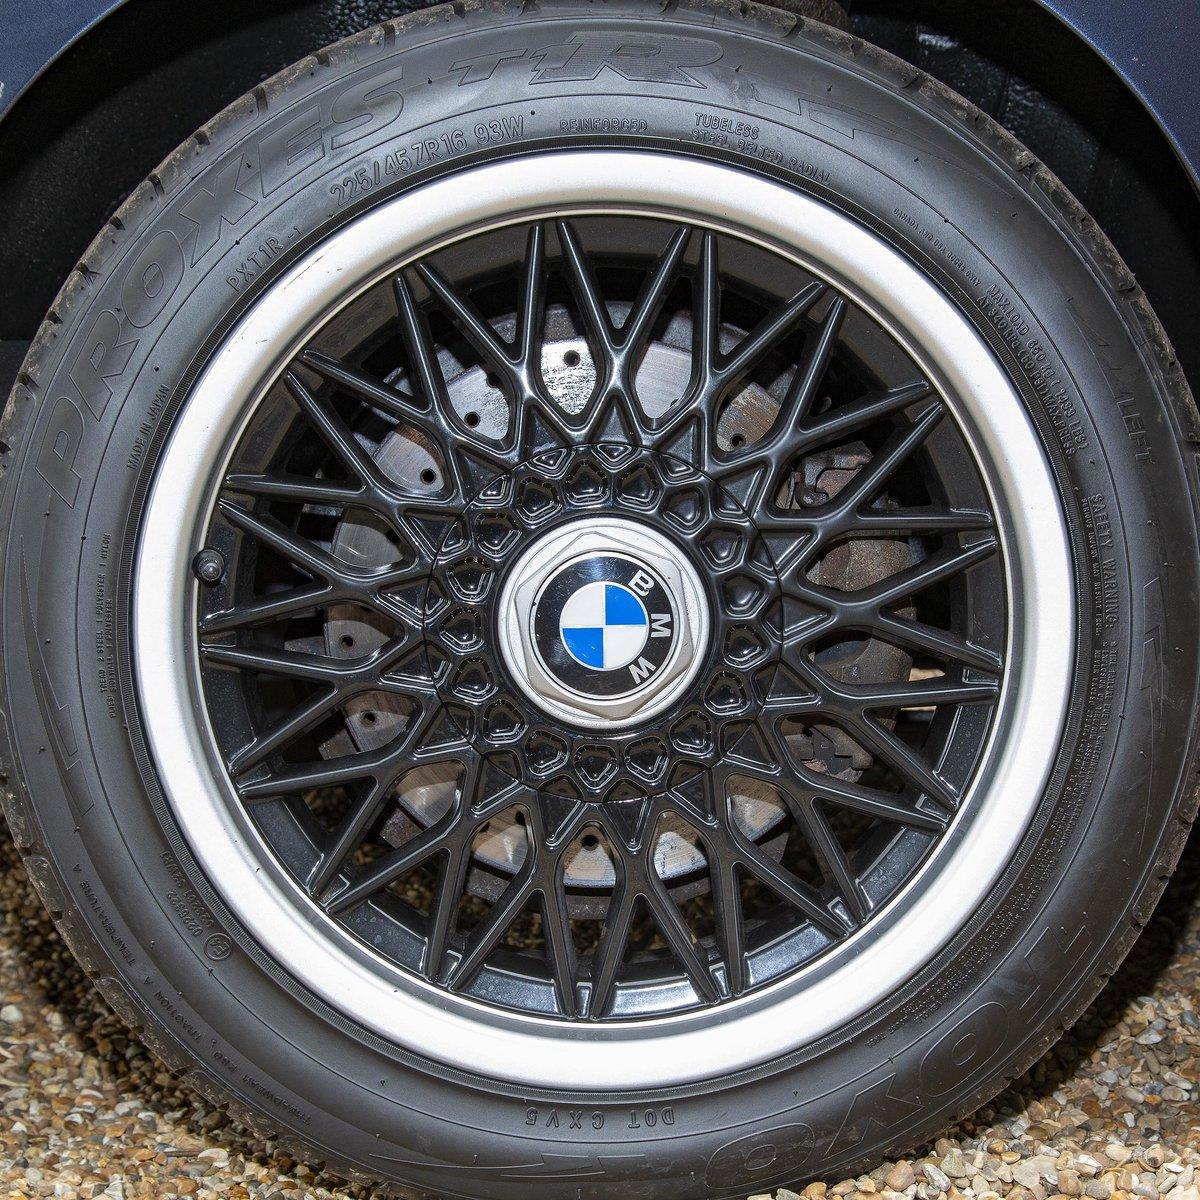 1989 BMW E30 M3 Cecotto, Macau Blue For Sale (picture 2 of 6)